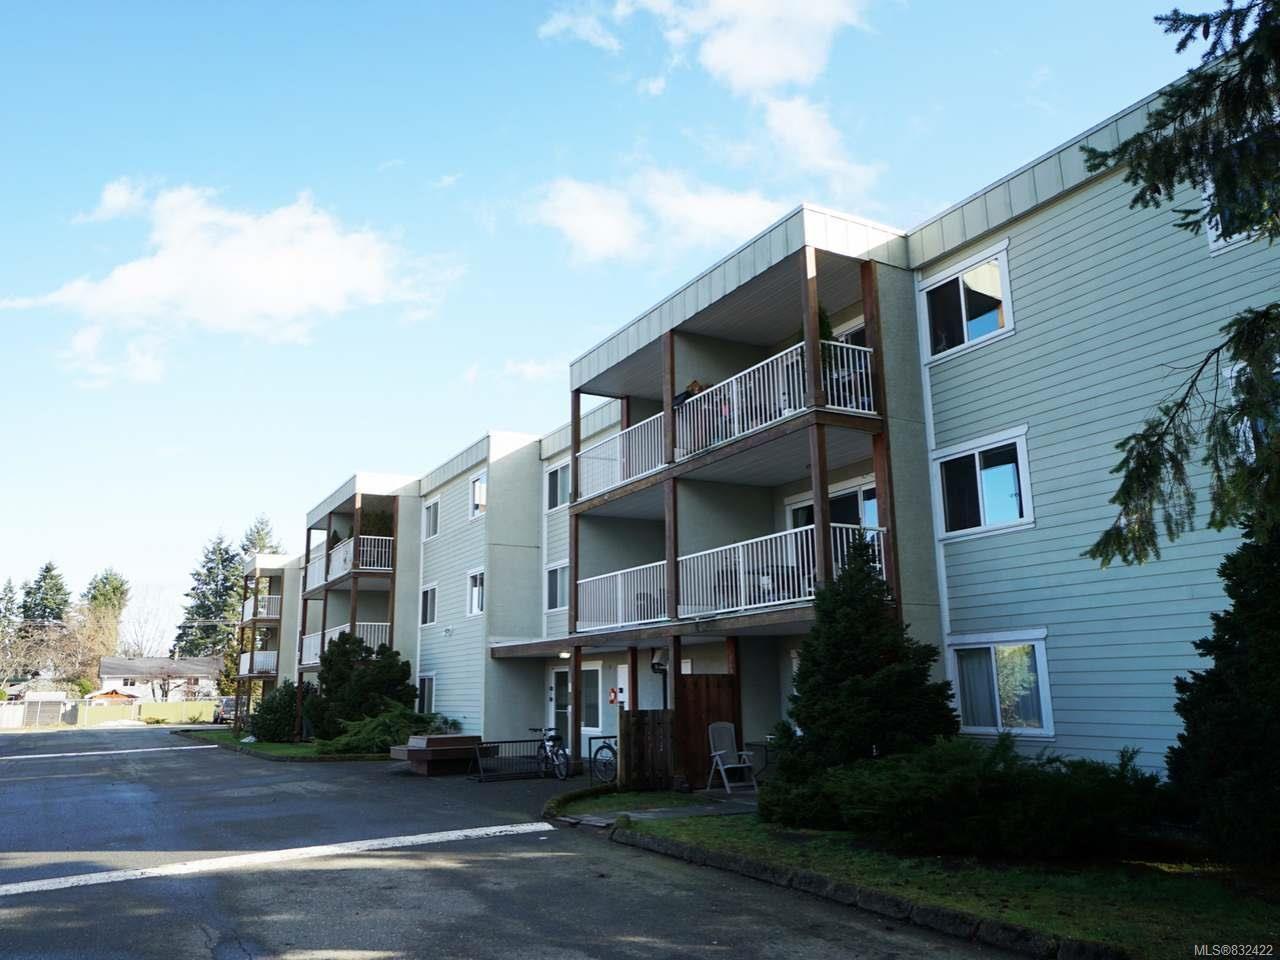 Main Photo: 304 1130 Willemar Ave in COURTENAY: CV Courtenay City Condo for sale (Comox Valley)  : MLS®# 832422